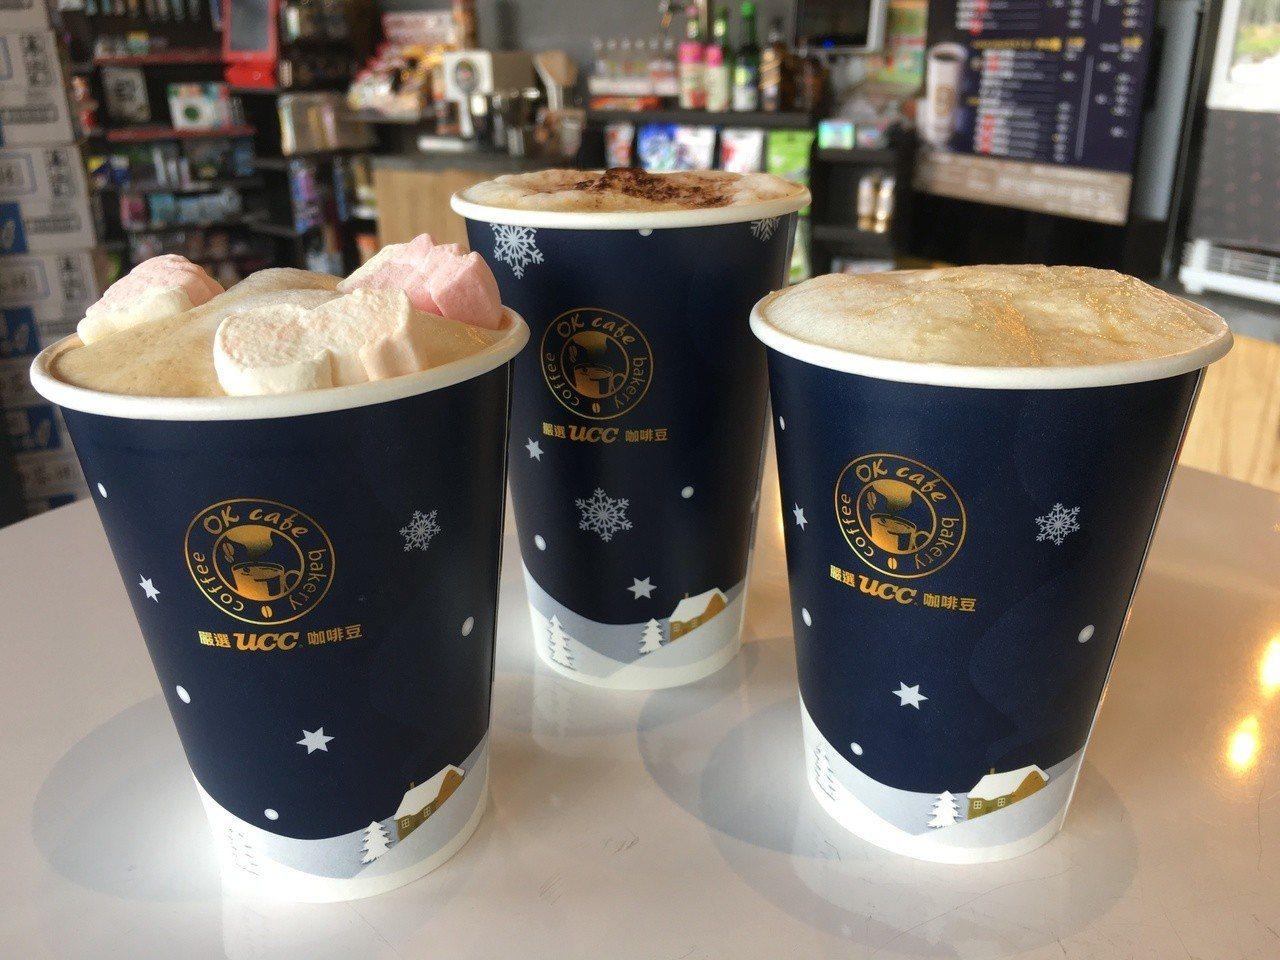 OK mart今年與UCC合作推出醇品咖啡系列,共有醇品拿鐵、醇品摩卡、醇品焦糖...